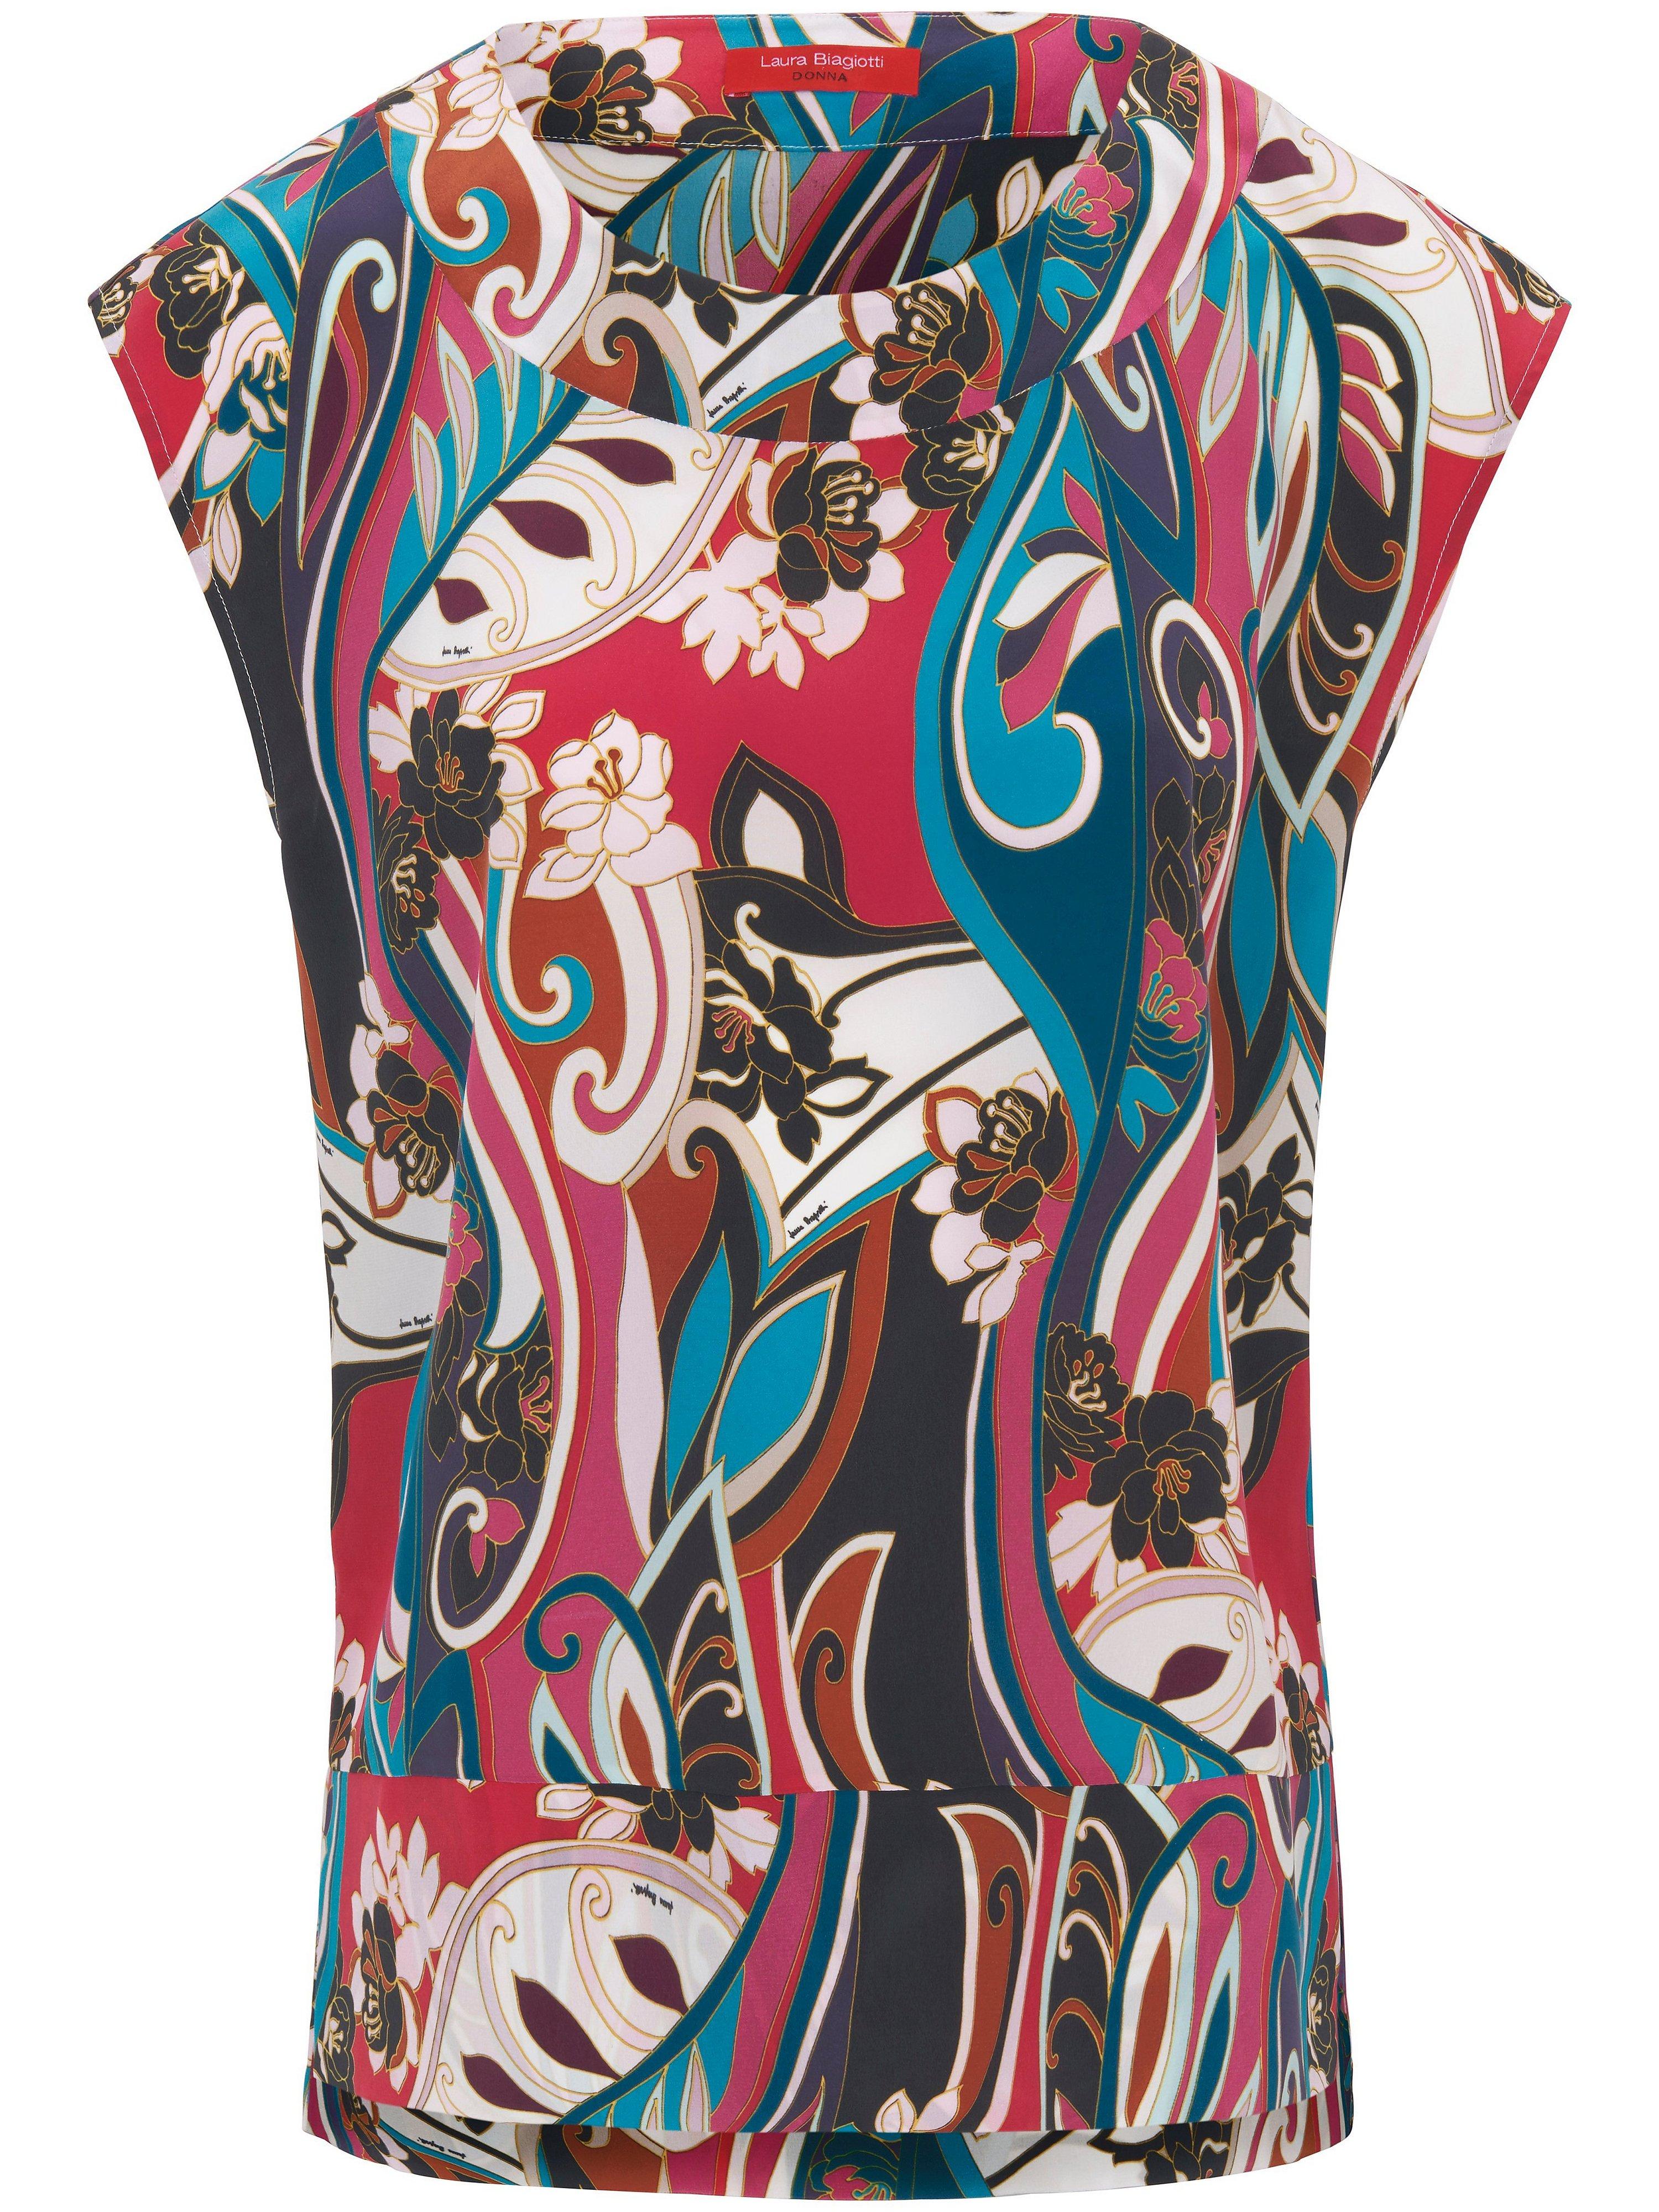 Blousetop van 100% zijde Van Laura Biagiotti Donna multicolour